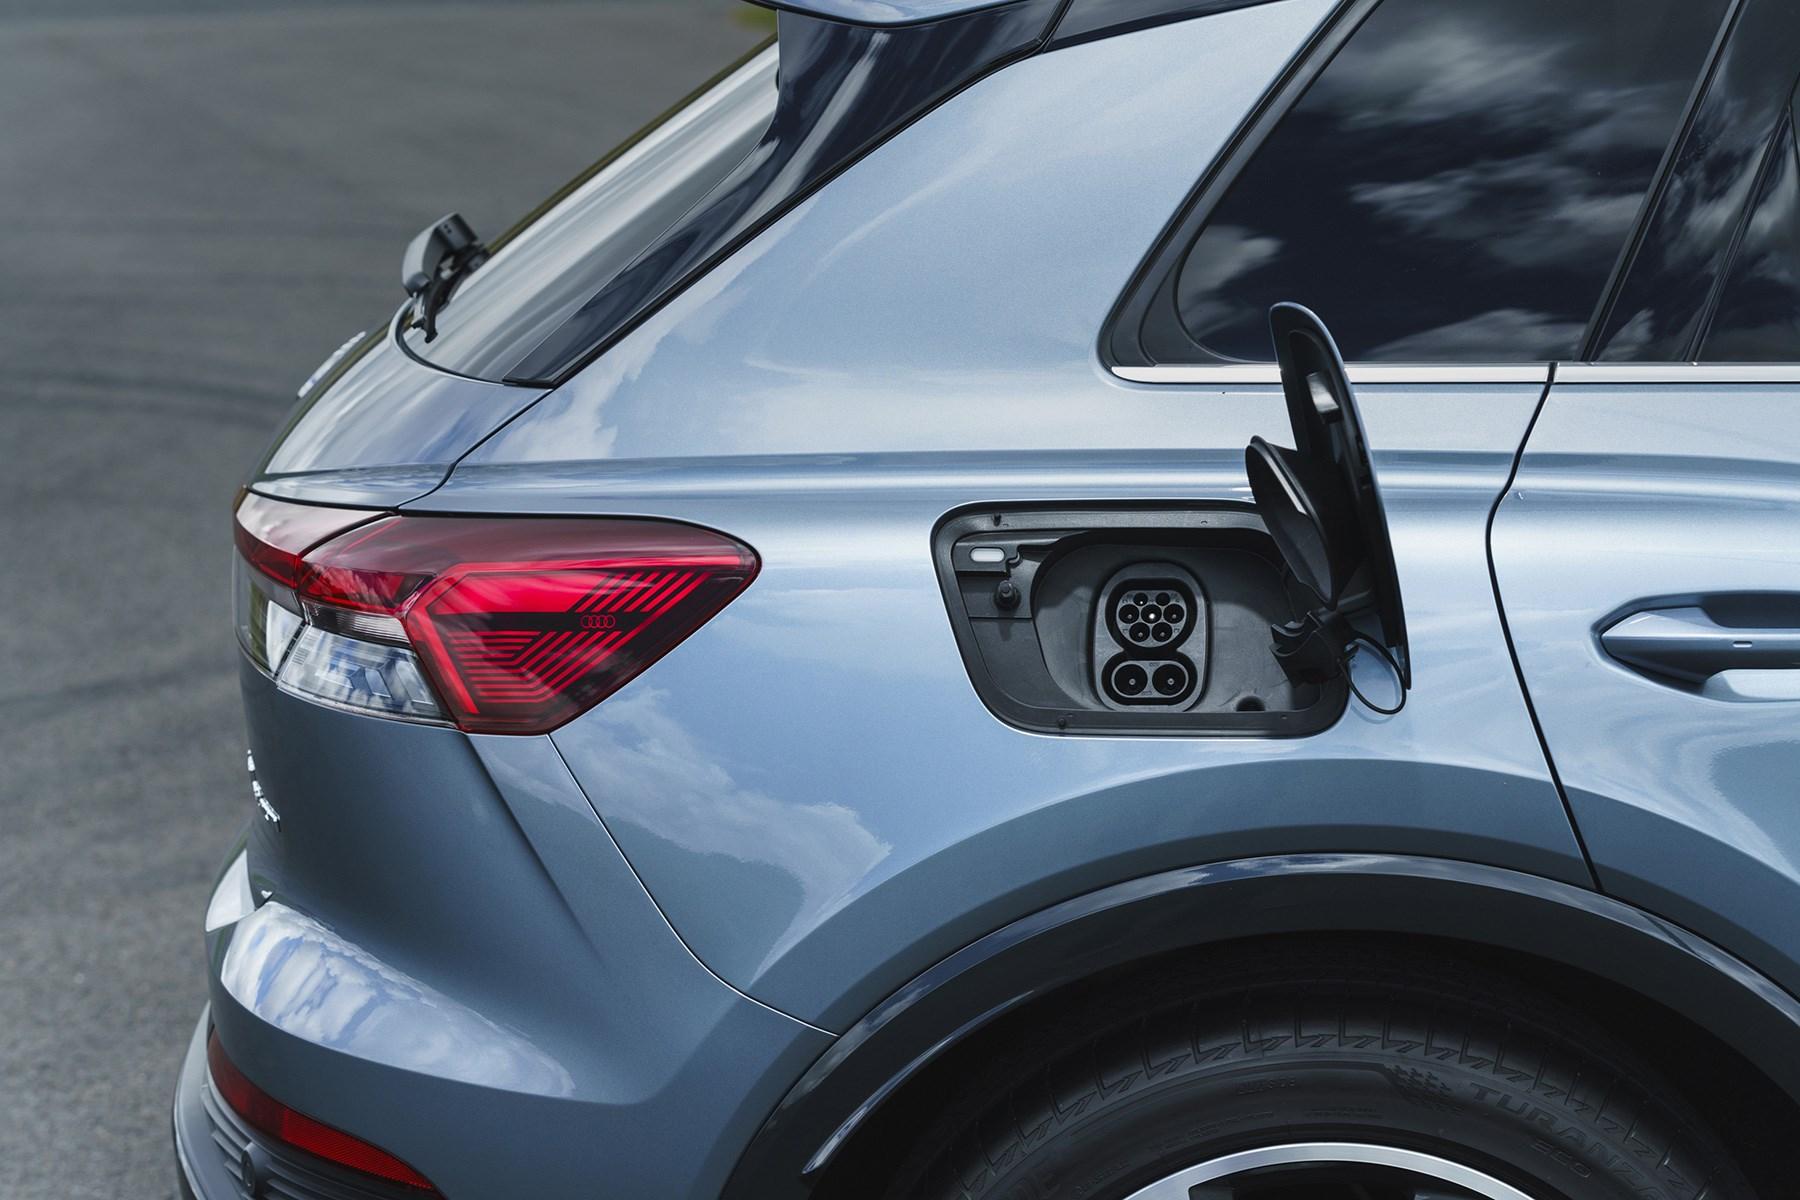 Audi Q4 e-Tron charging port